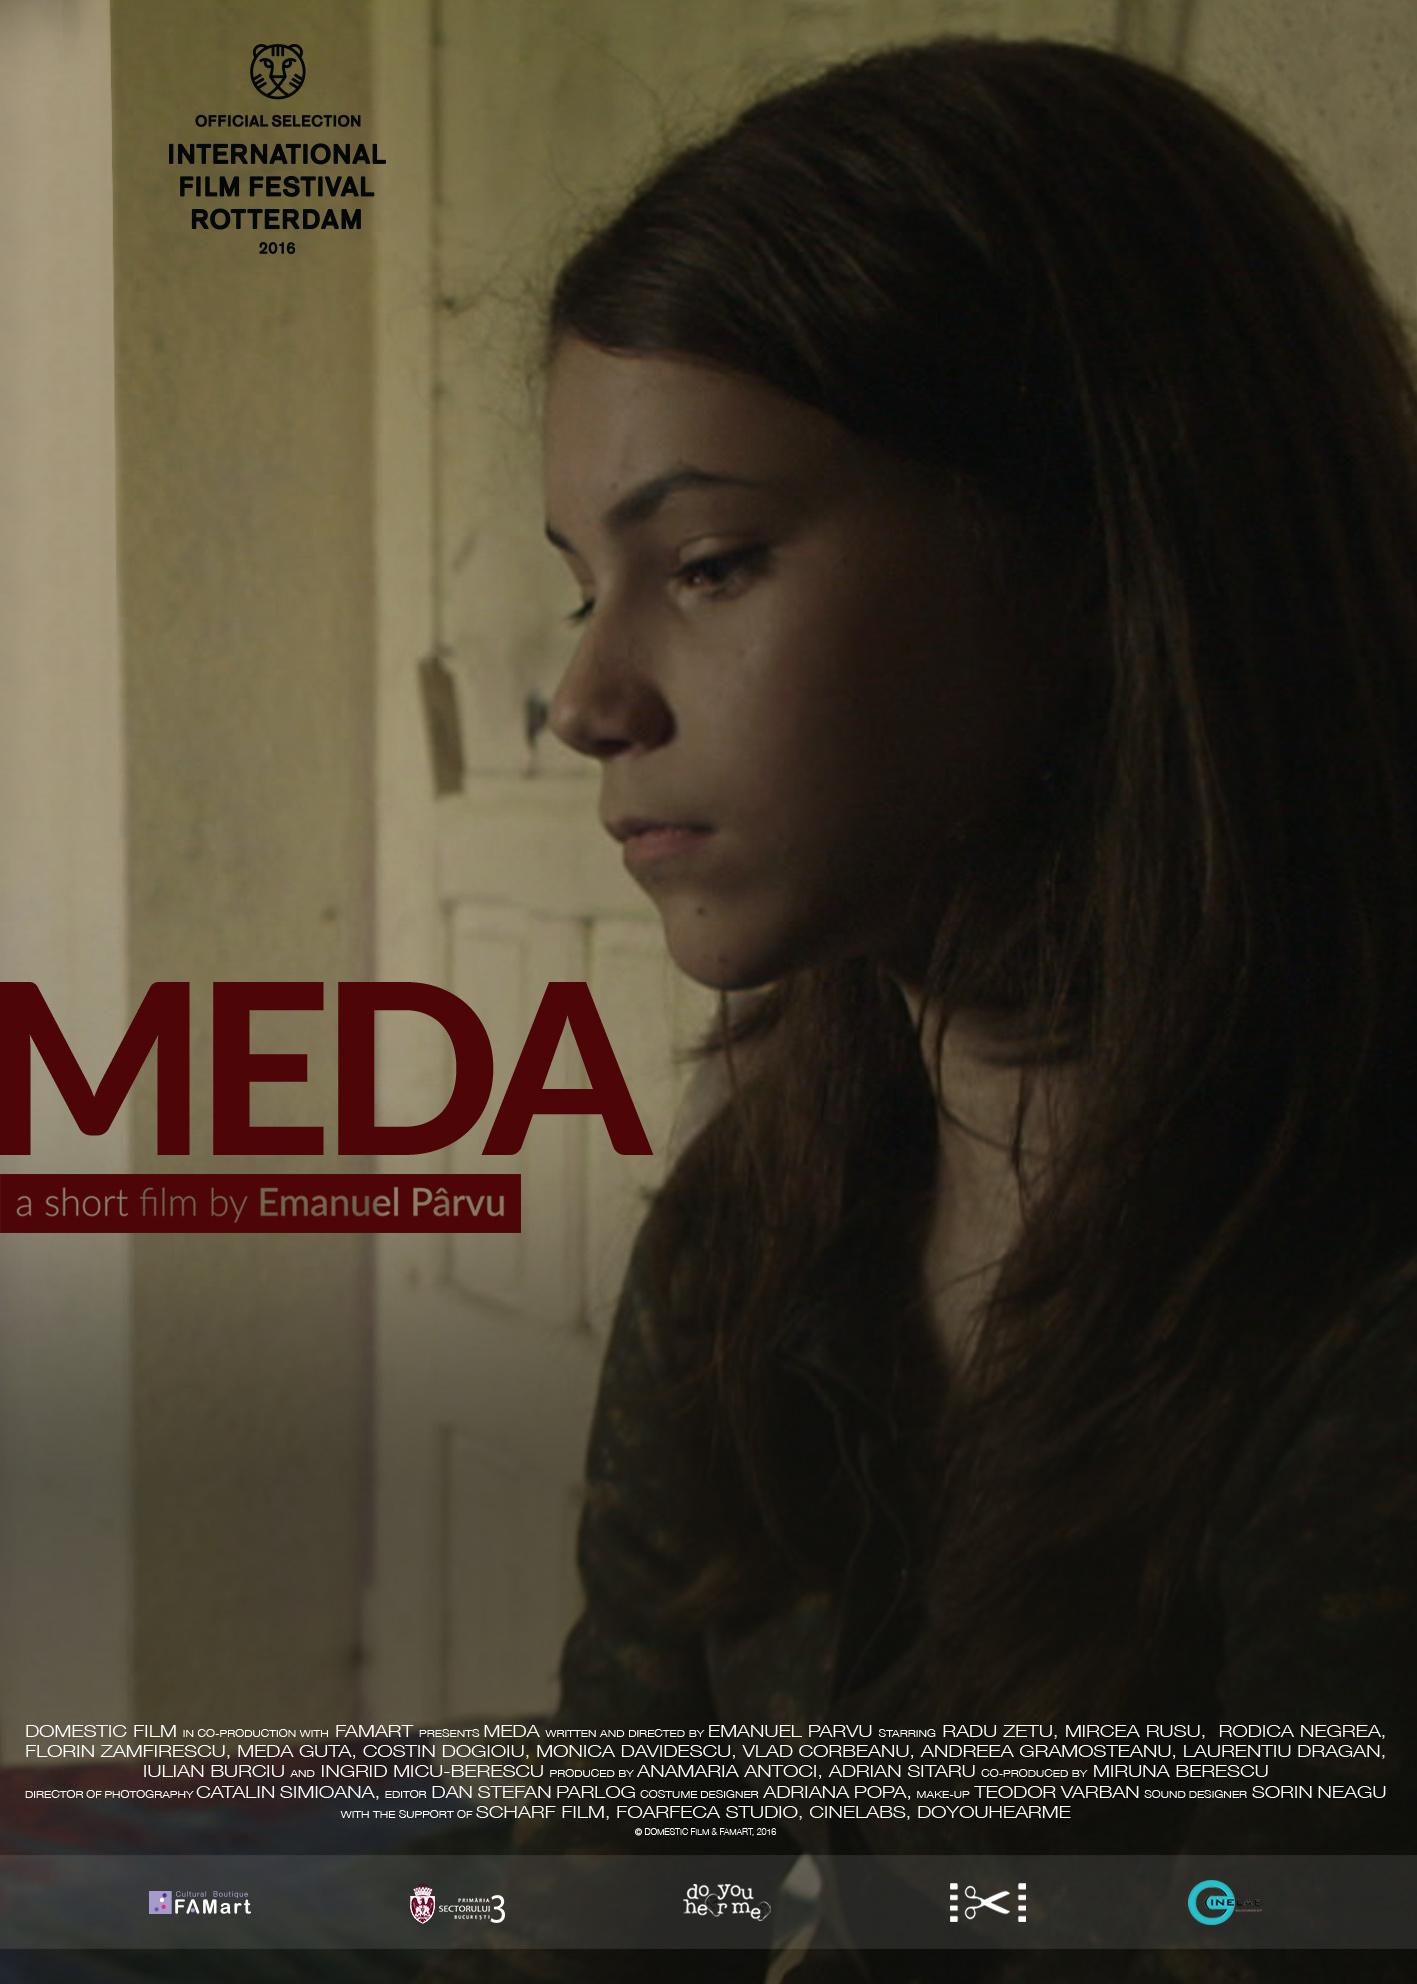 Meda (2015) - Photo